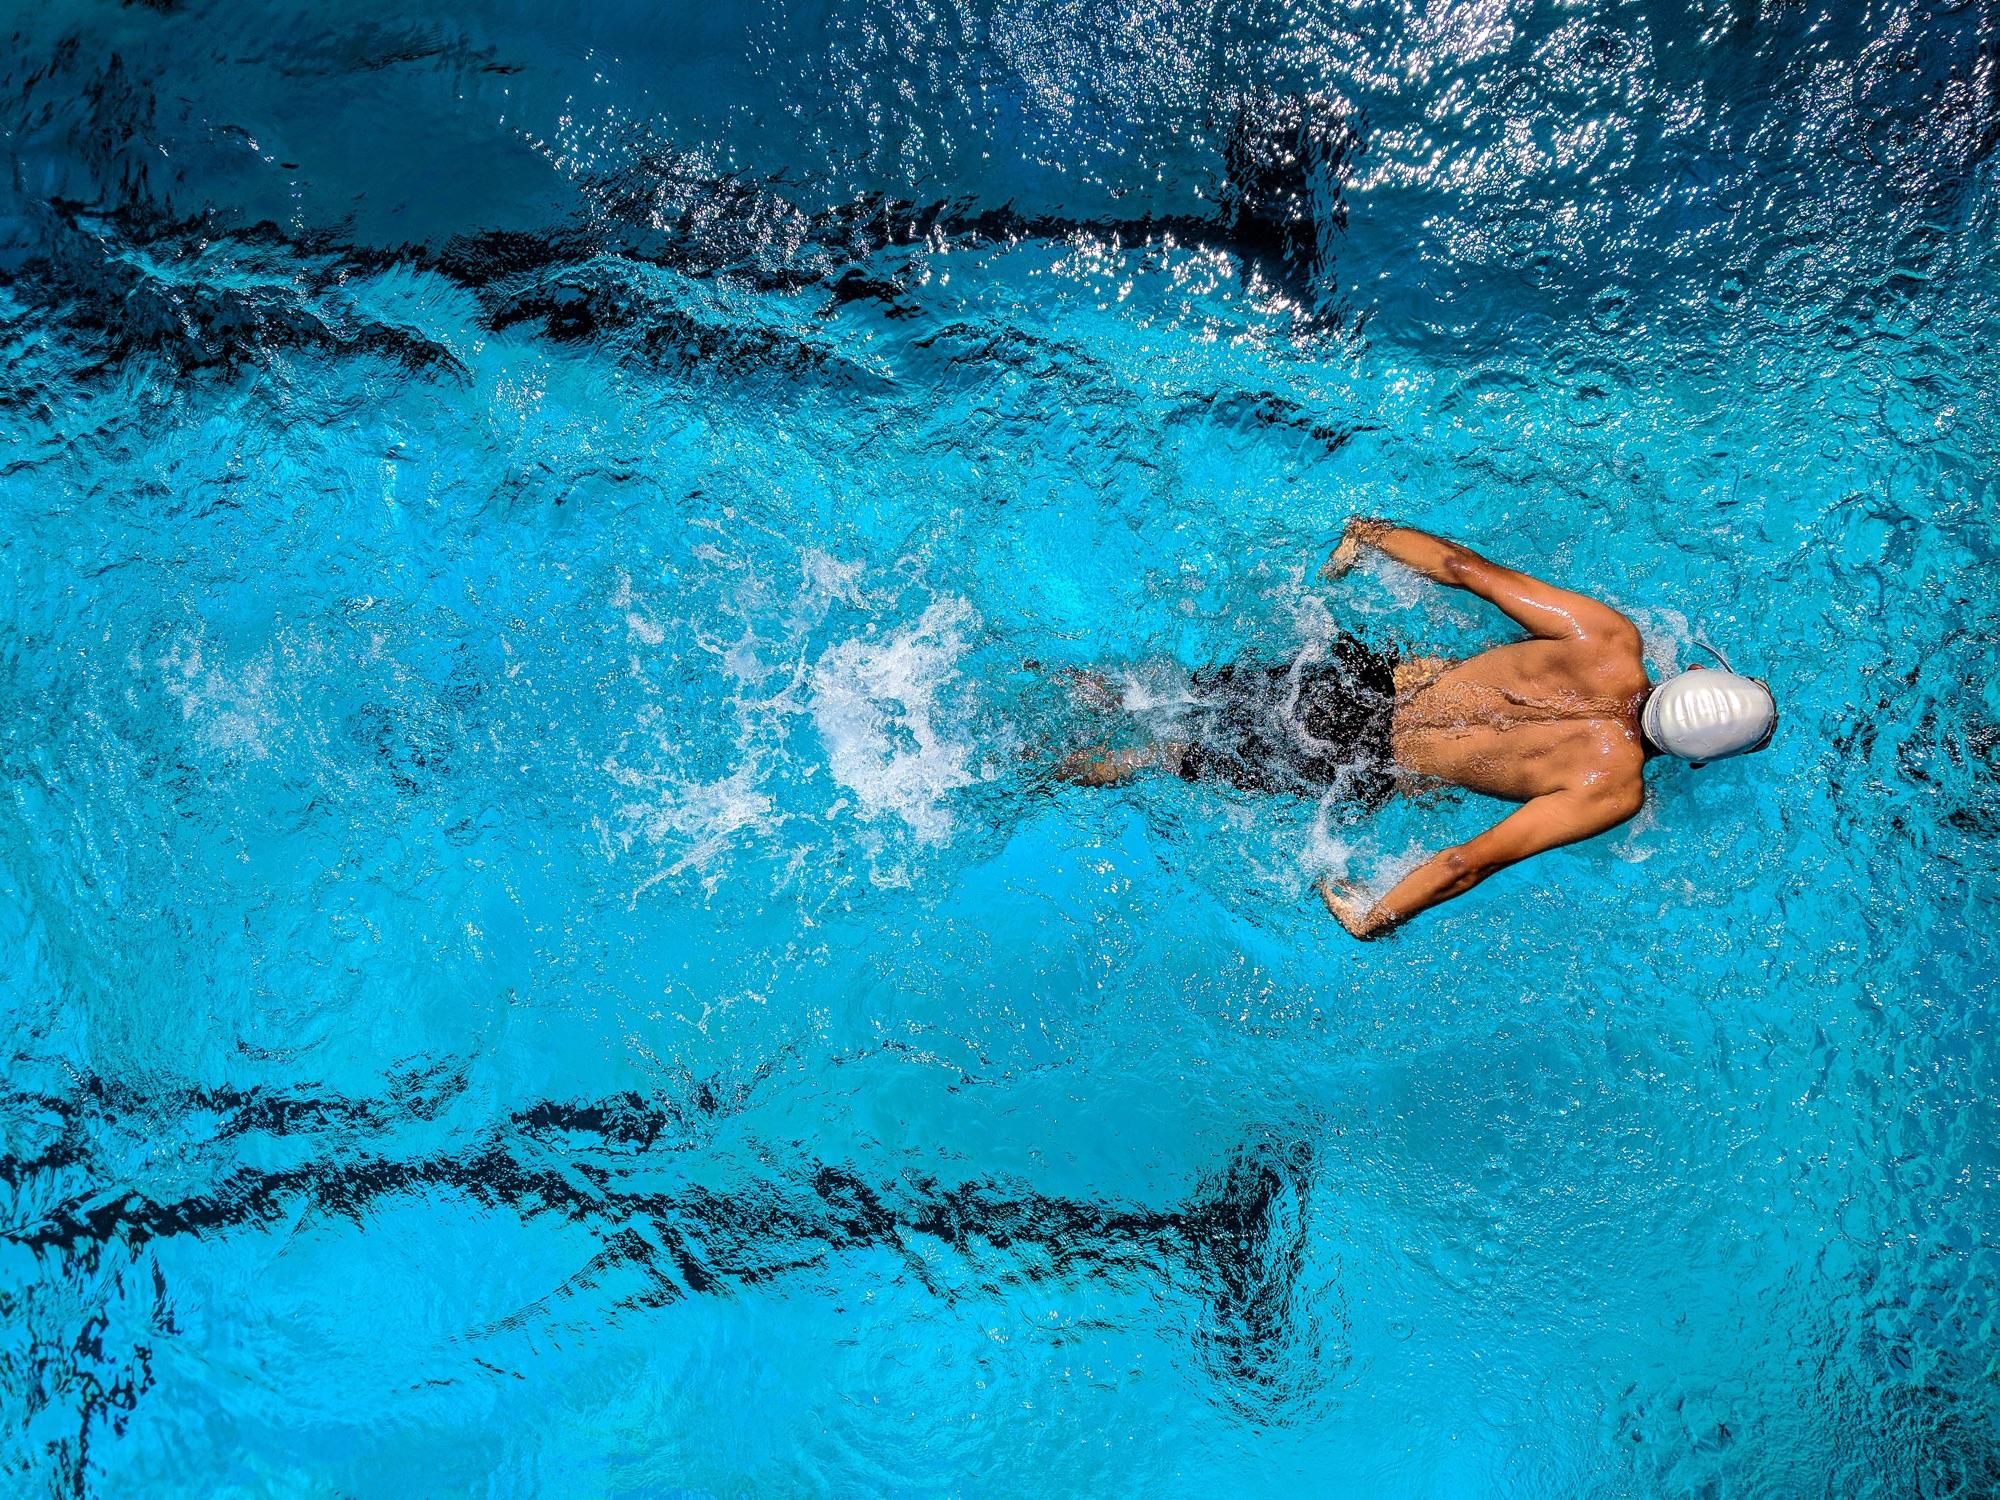 PARIS - Séance de natation